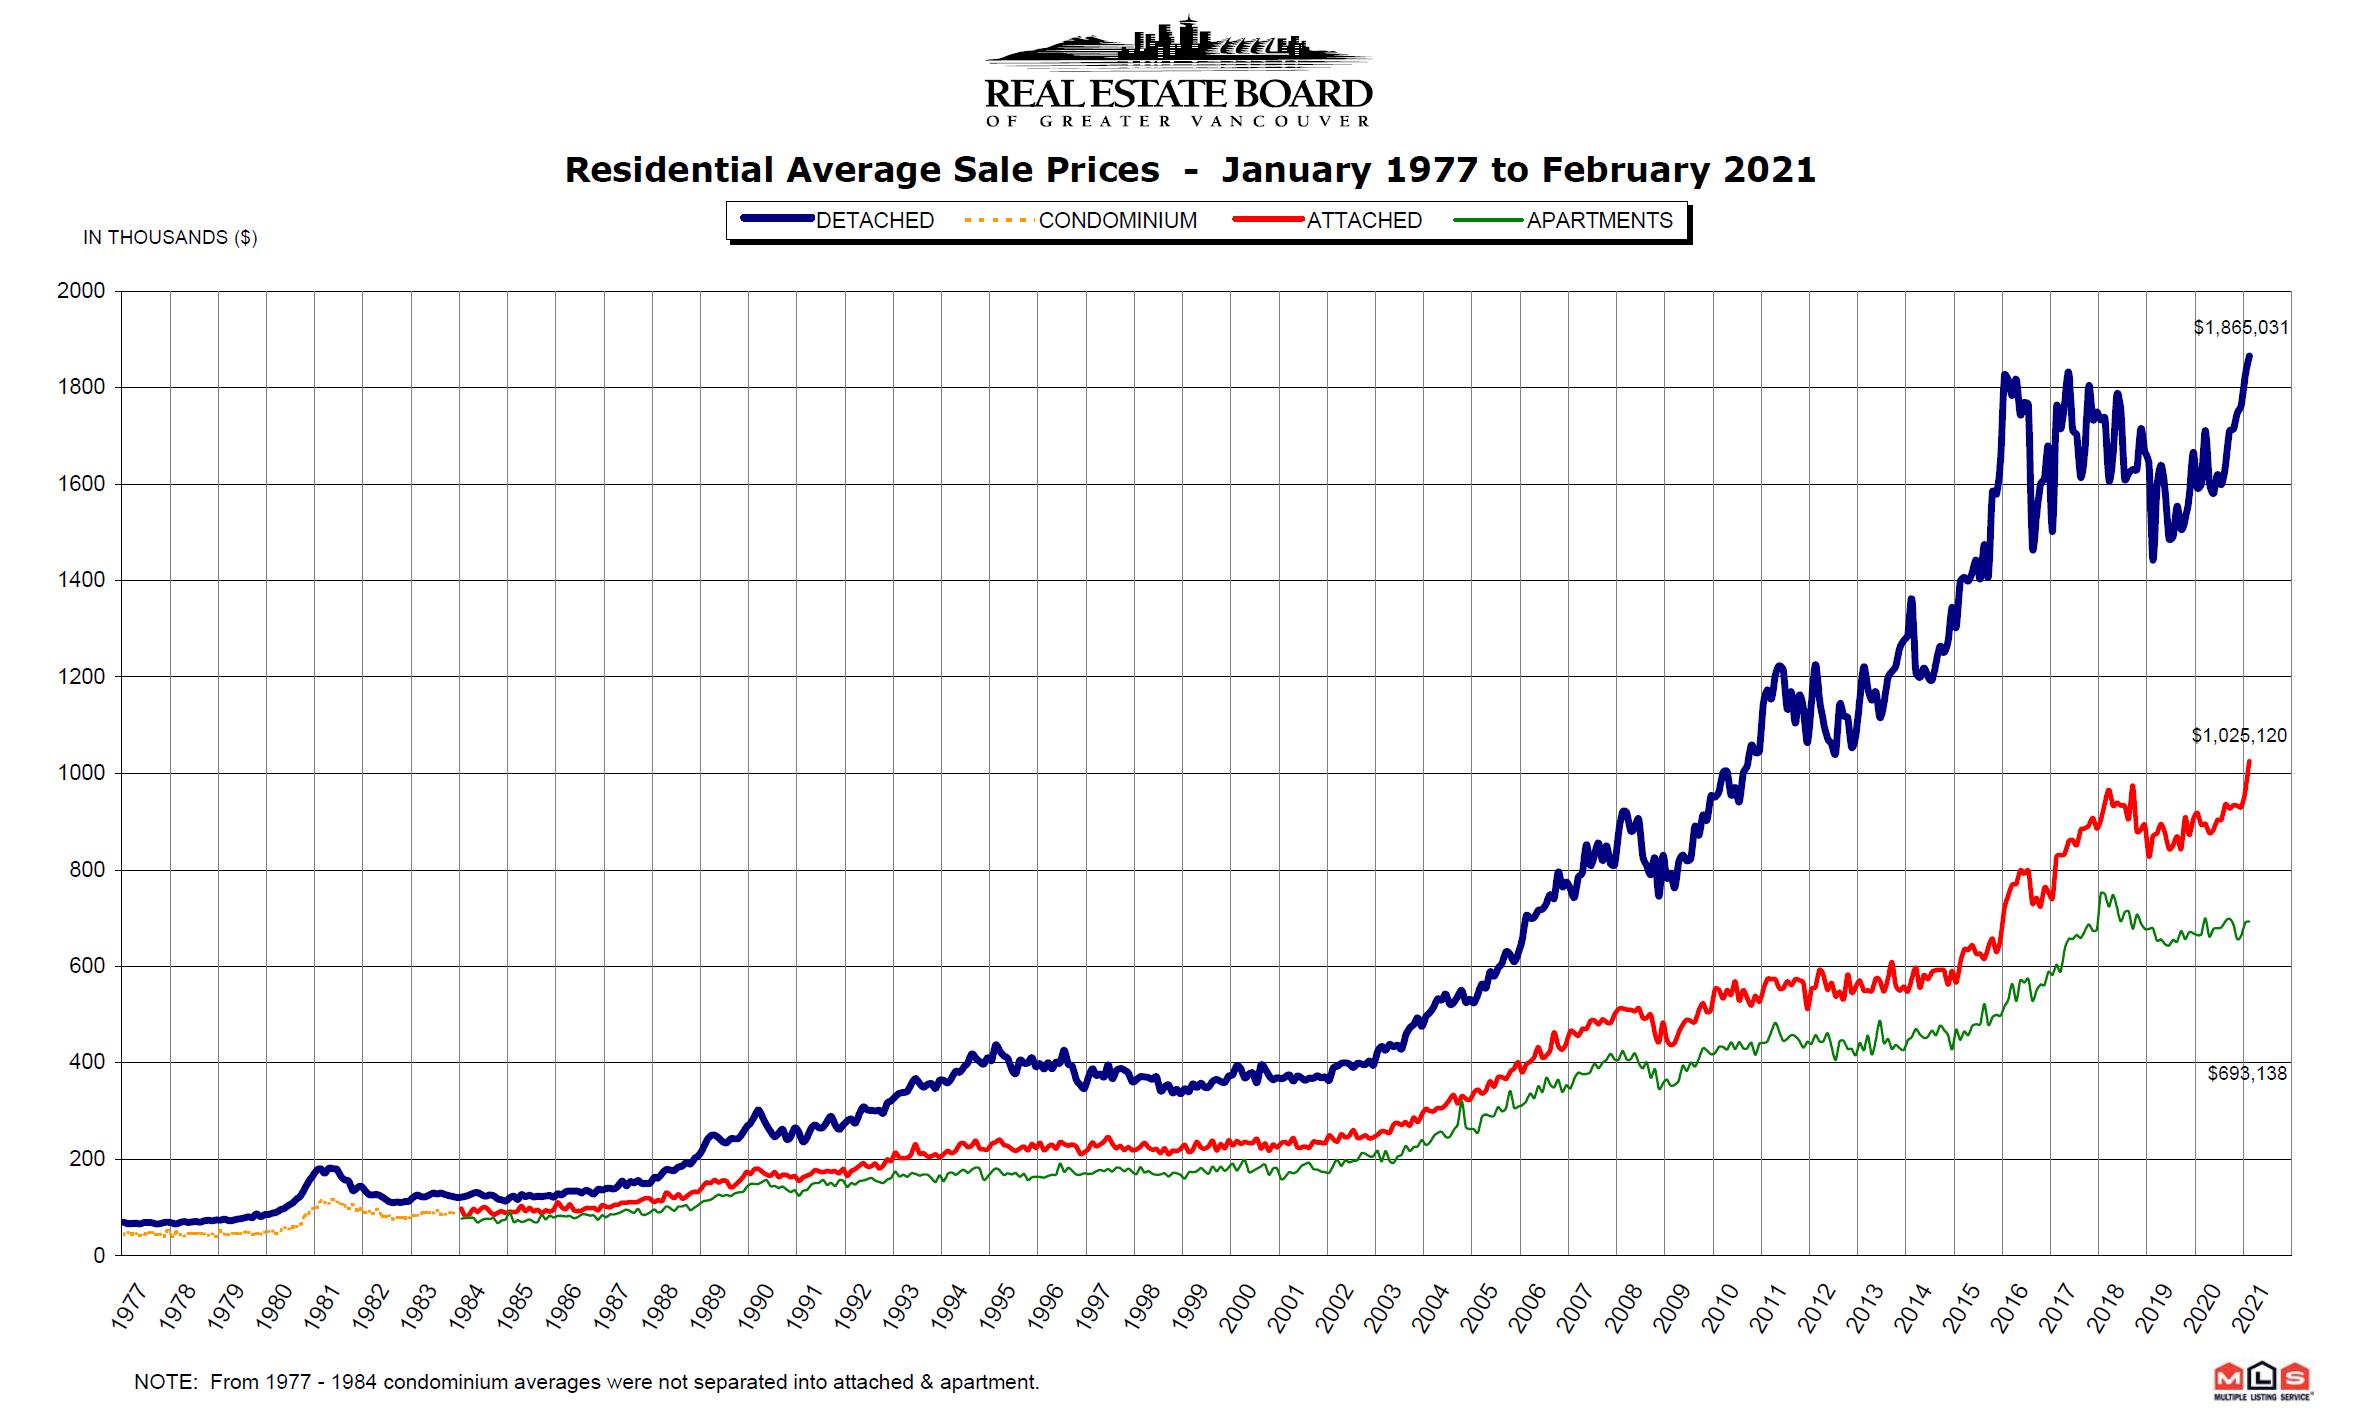 averag price graph.png